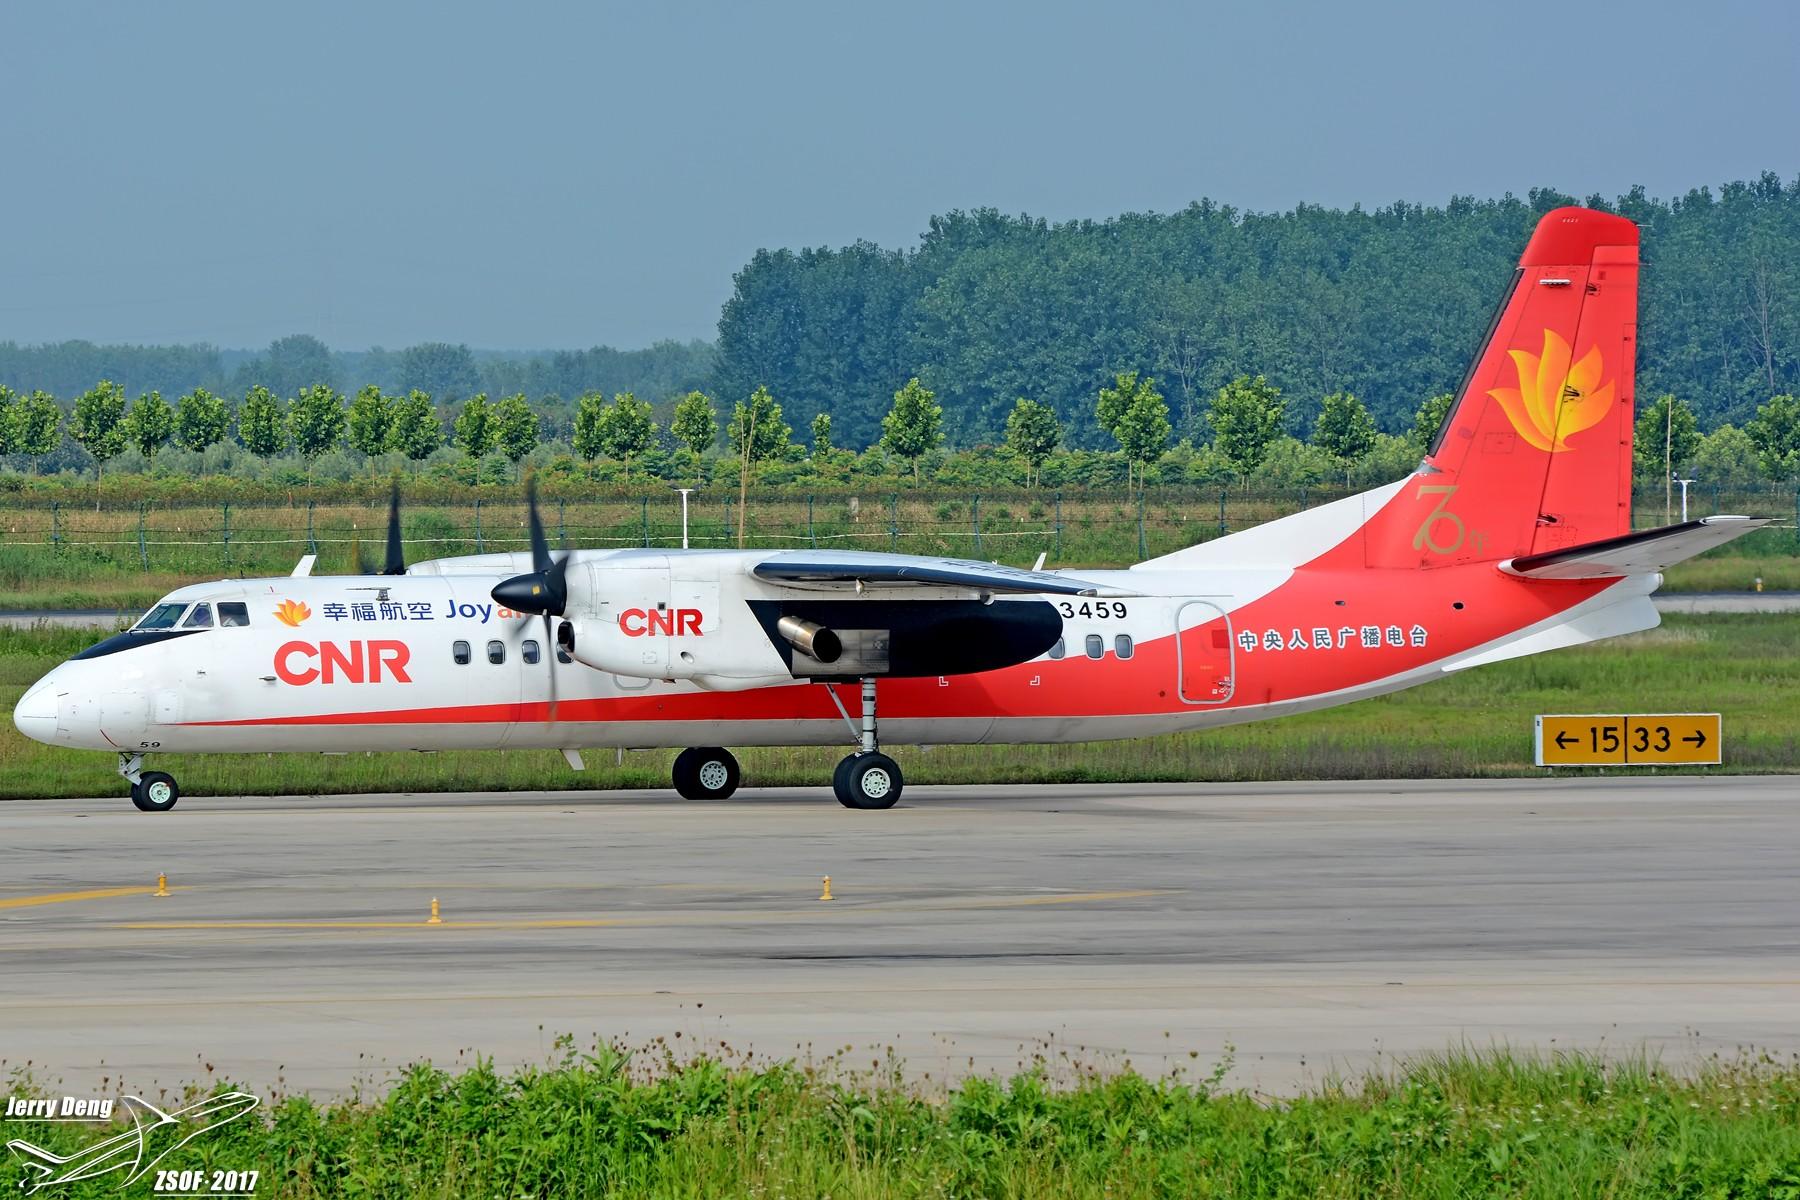 [原创]【一图党】JOY AIR CNR MA60 B-3459 XIAN AIRCRAFT MA 60 B-3459 中国合肥新桥国际机场